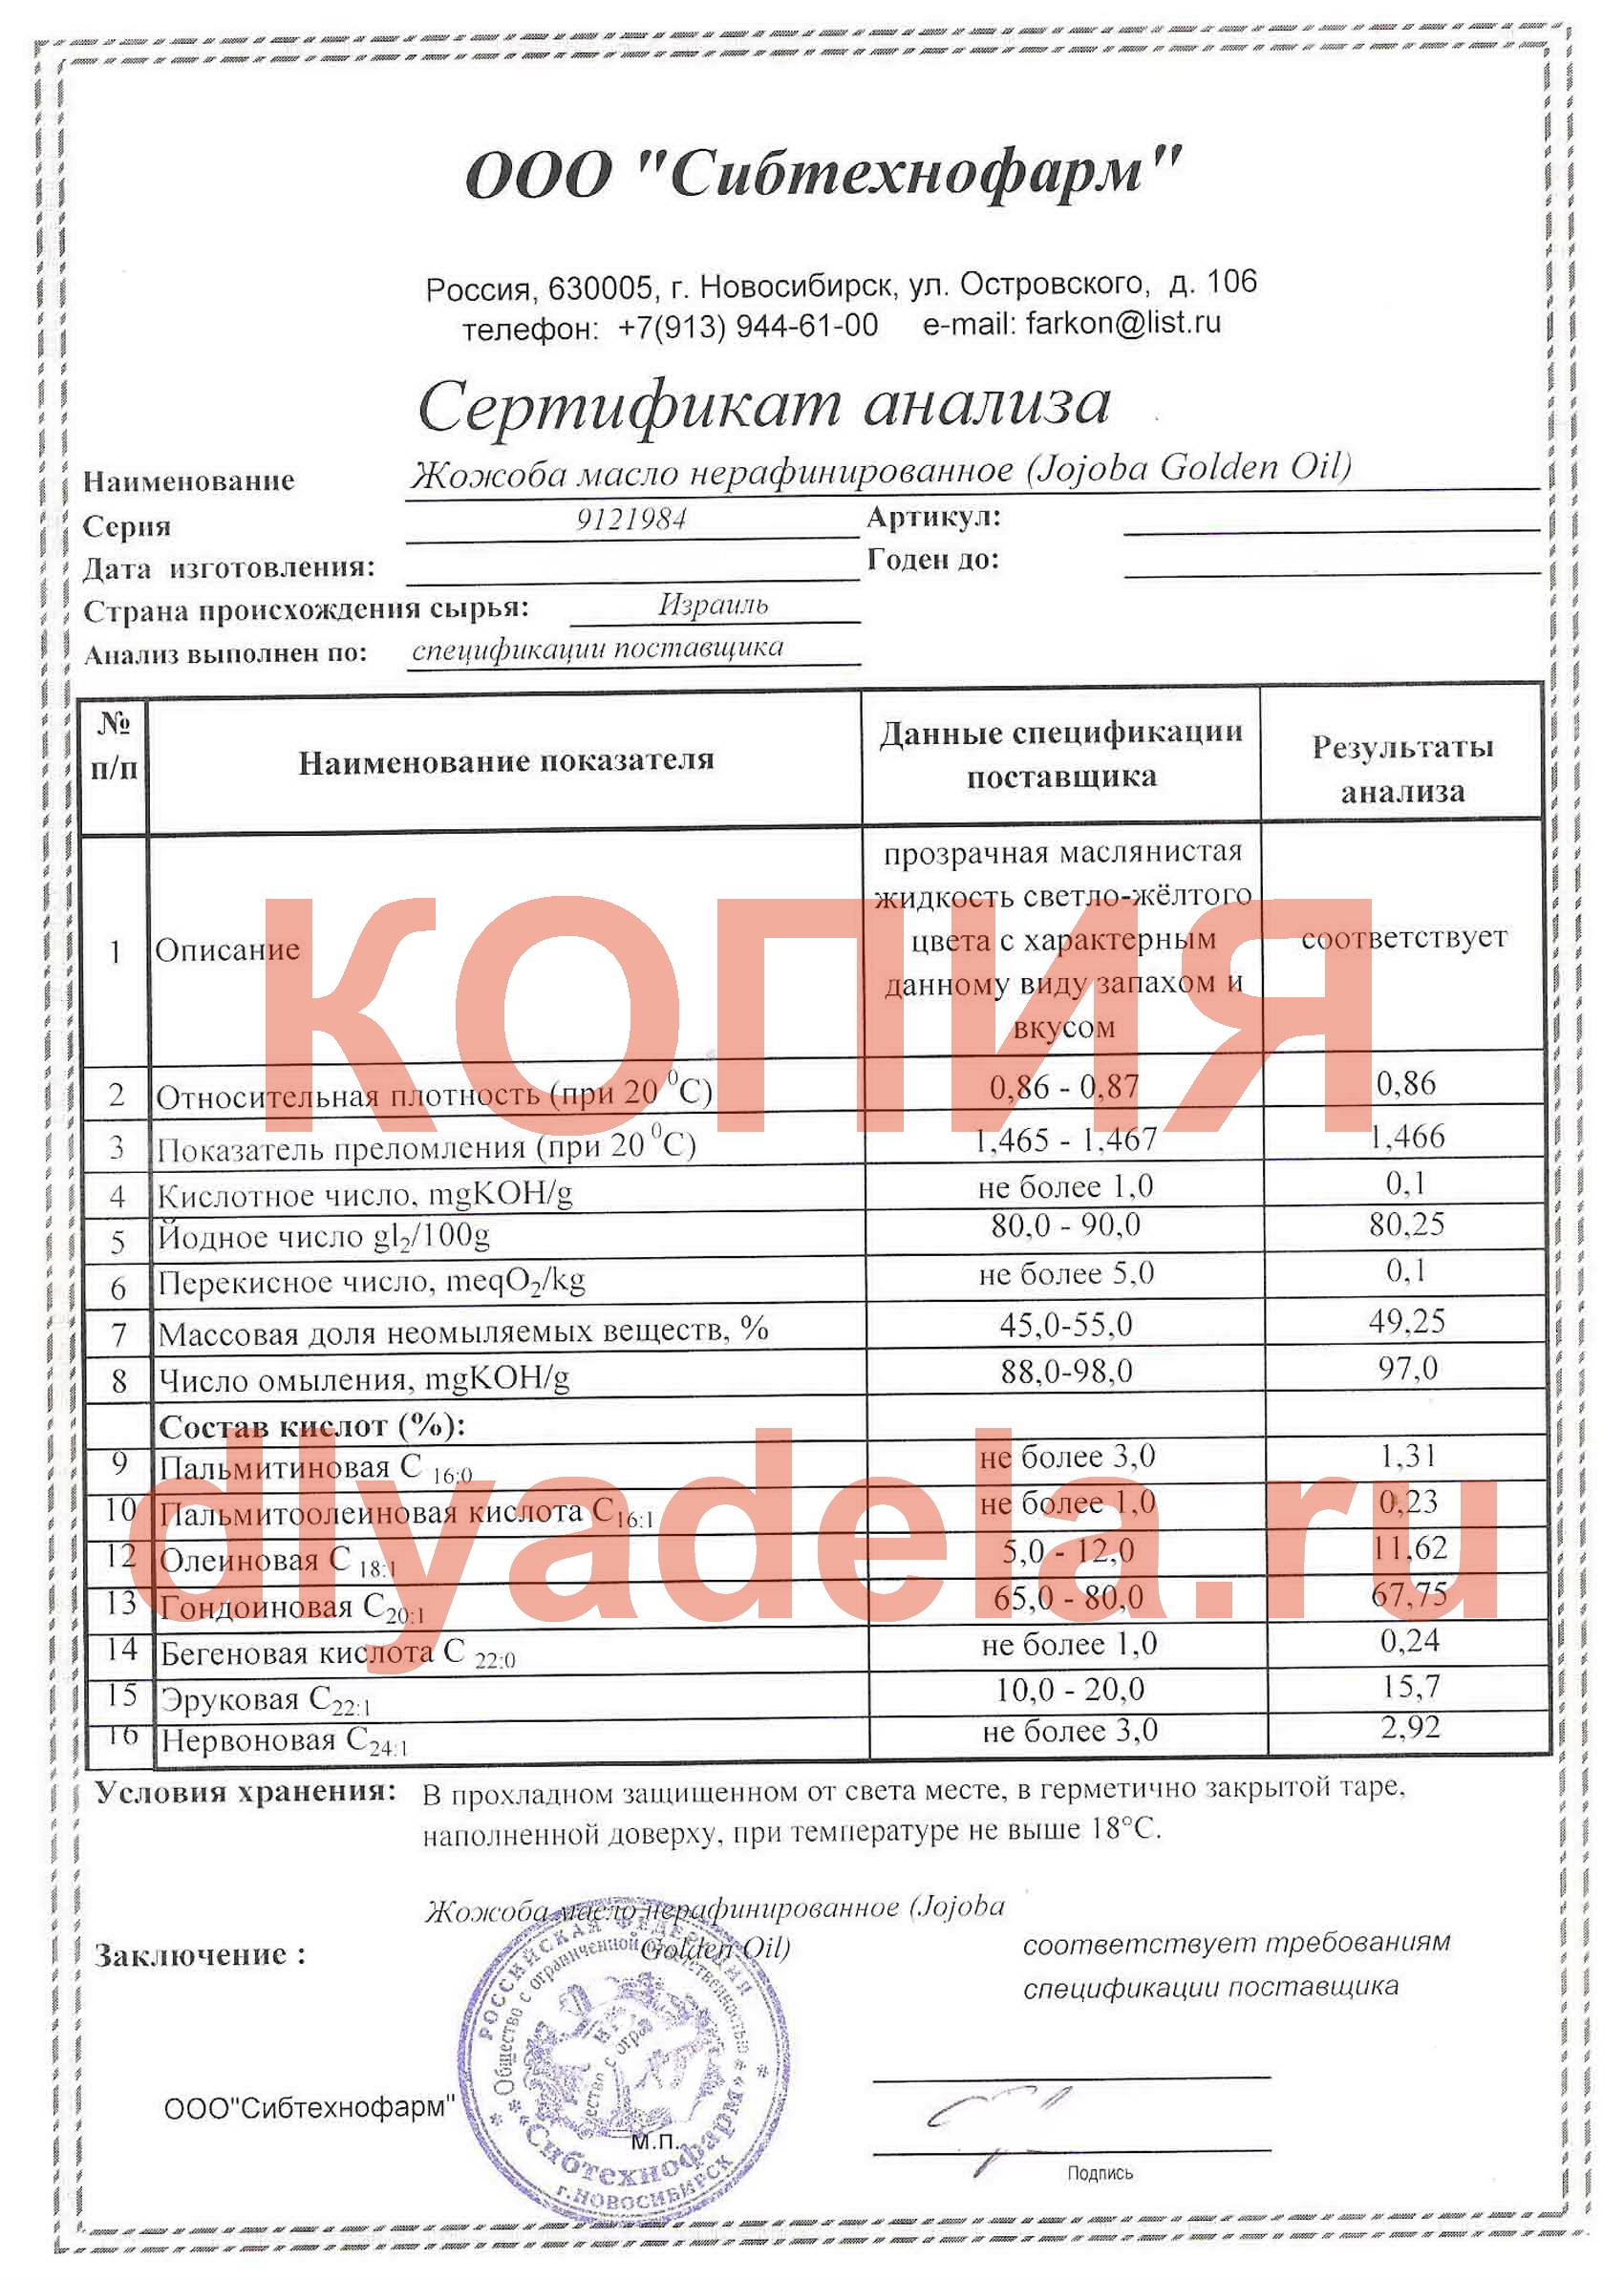 Сертификат анализа  жожоба масла